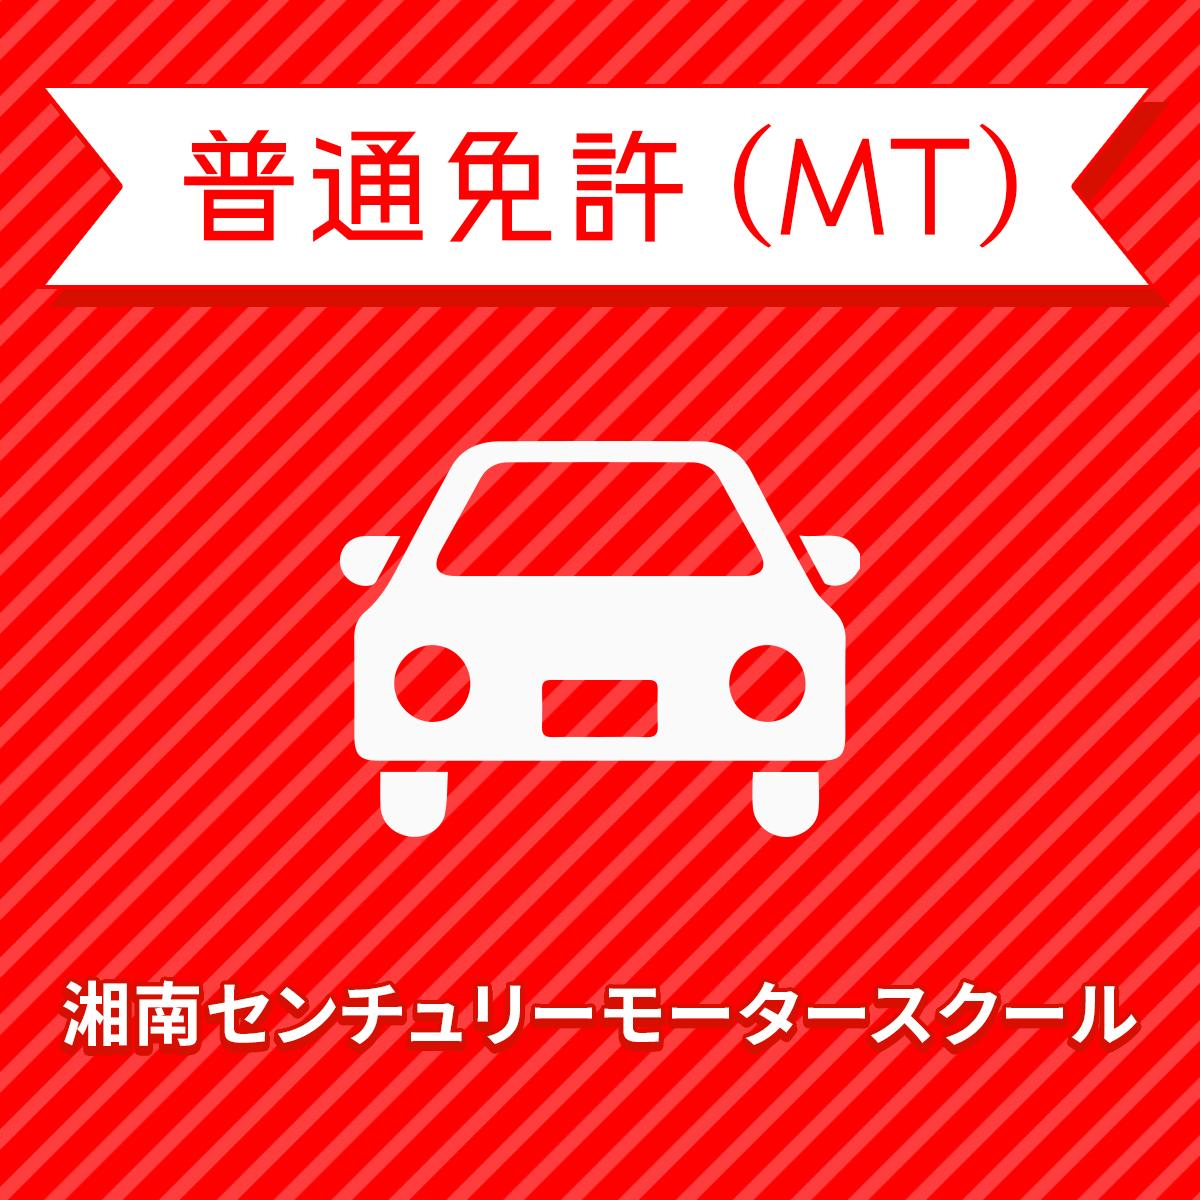 【神奈川県藤沢市】普通車MTコース(キャンペーン料金)<免許なし/原付免許所持対象>